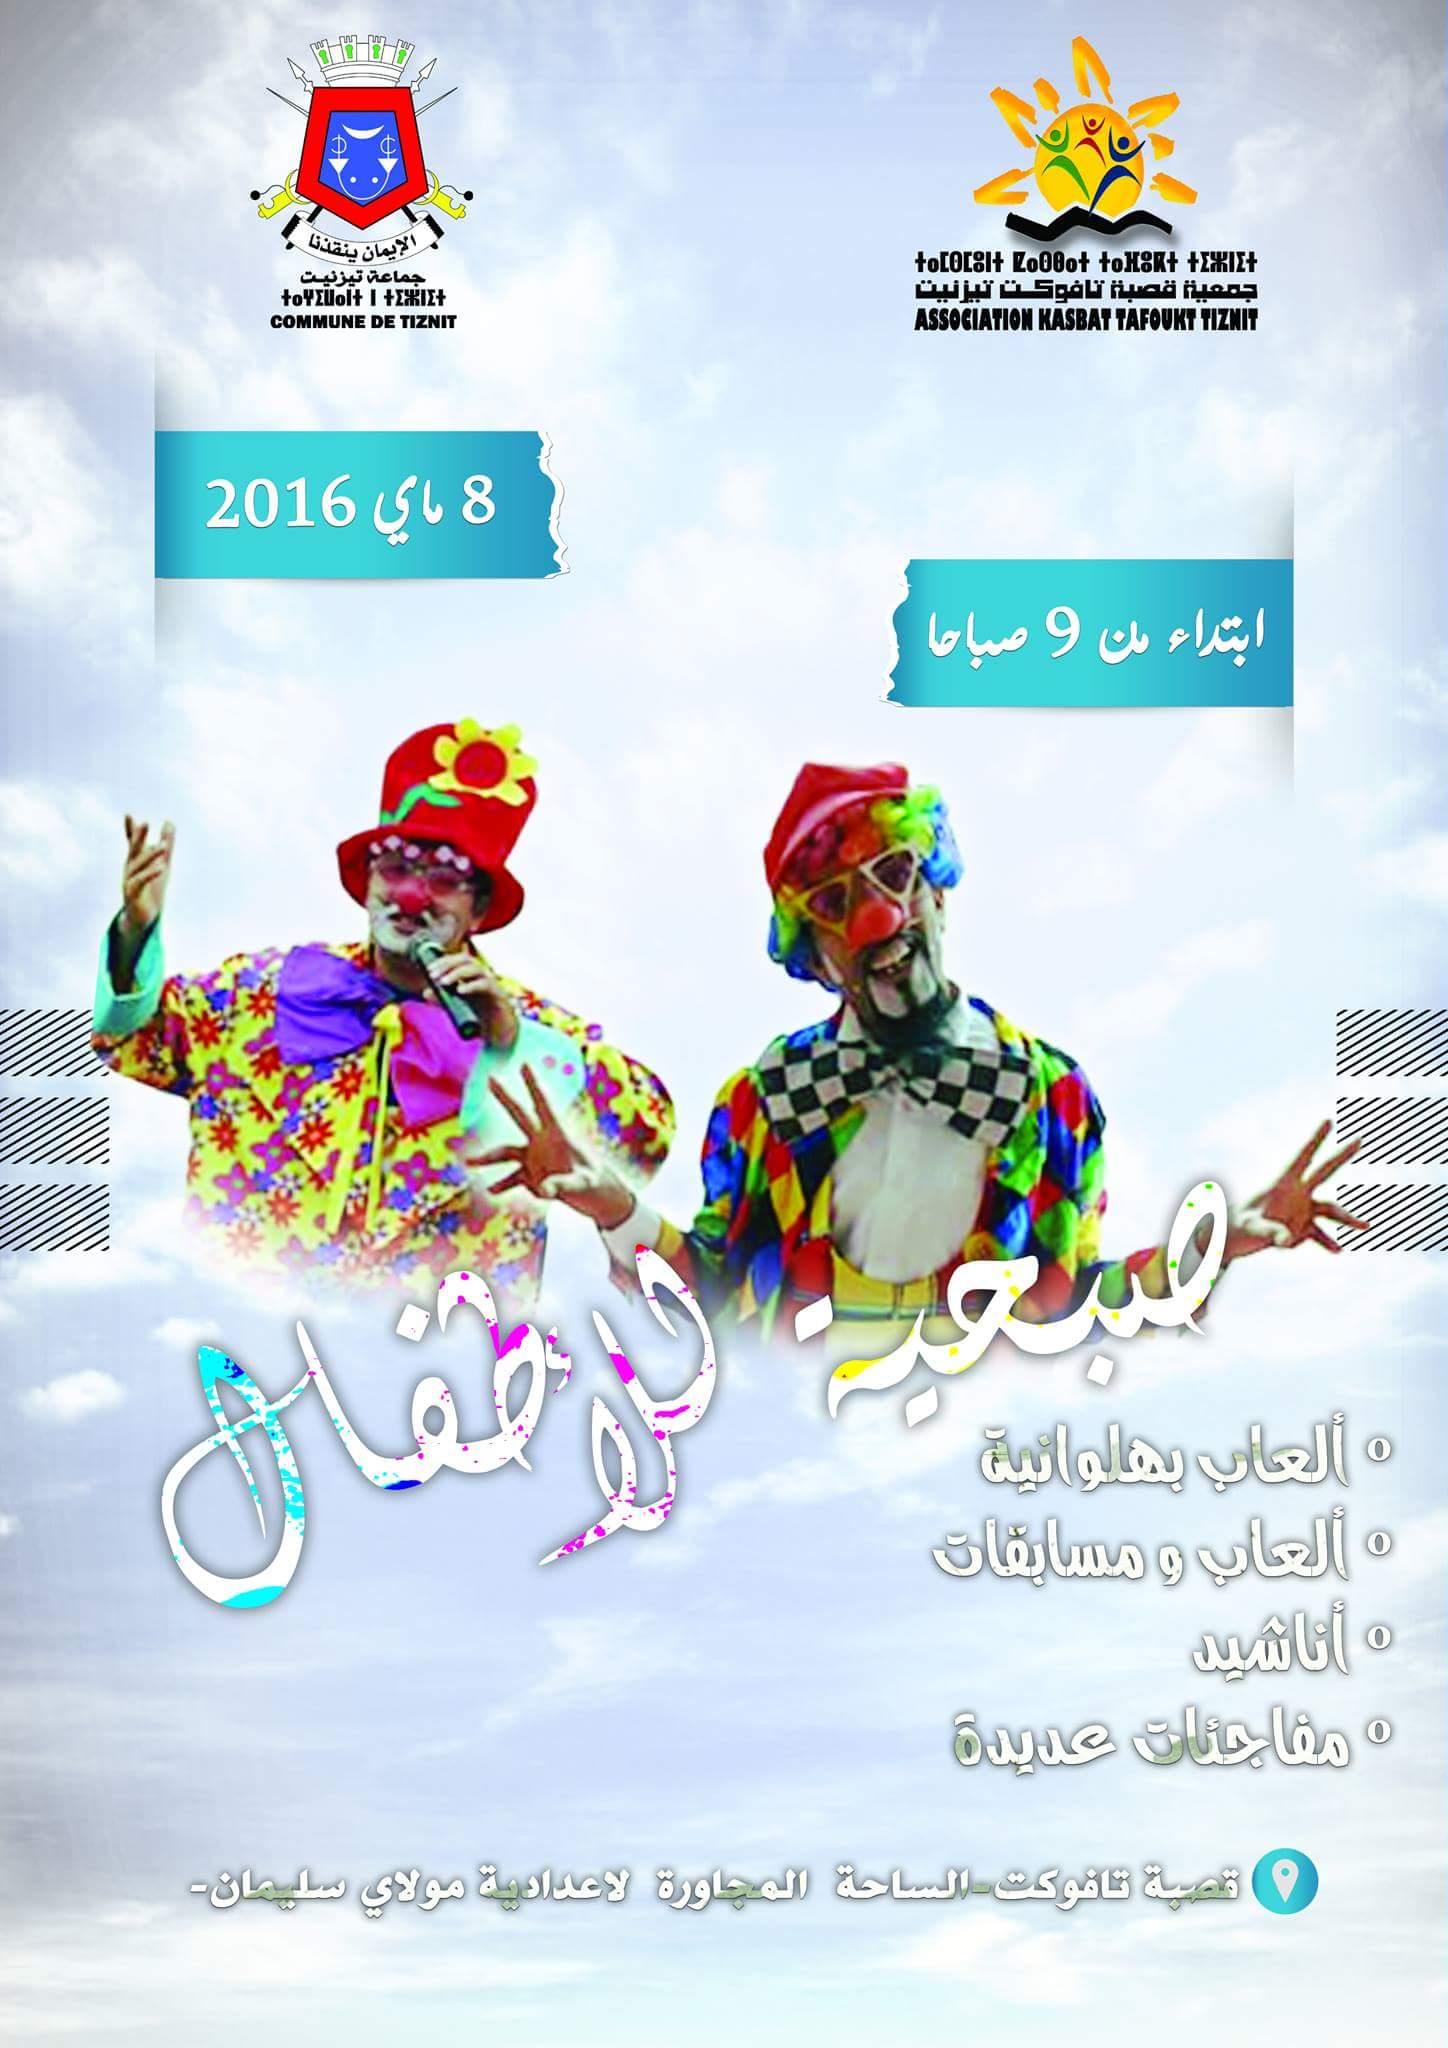 جمعية قصبة تافوكت تنظم صبيحة للاطفال